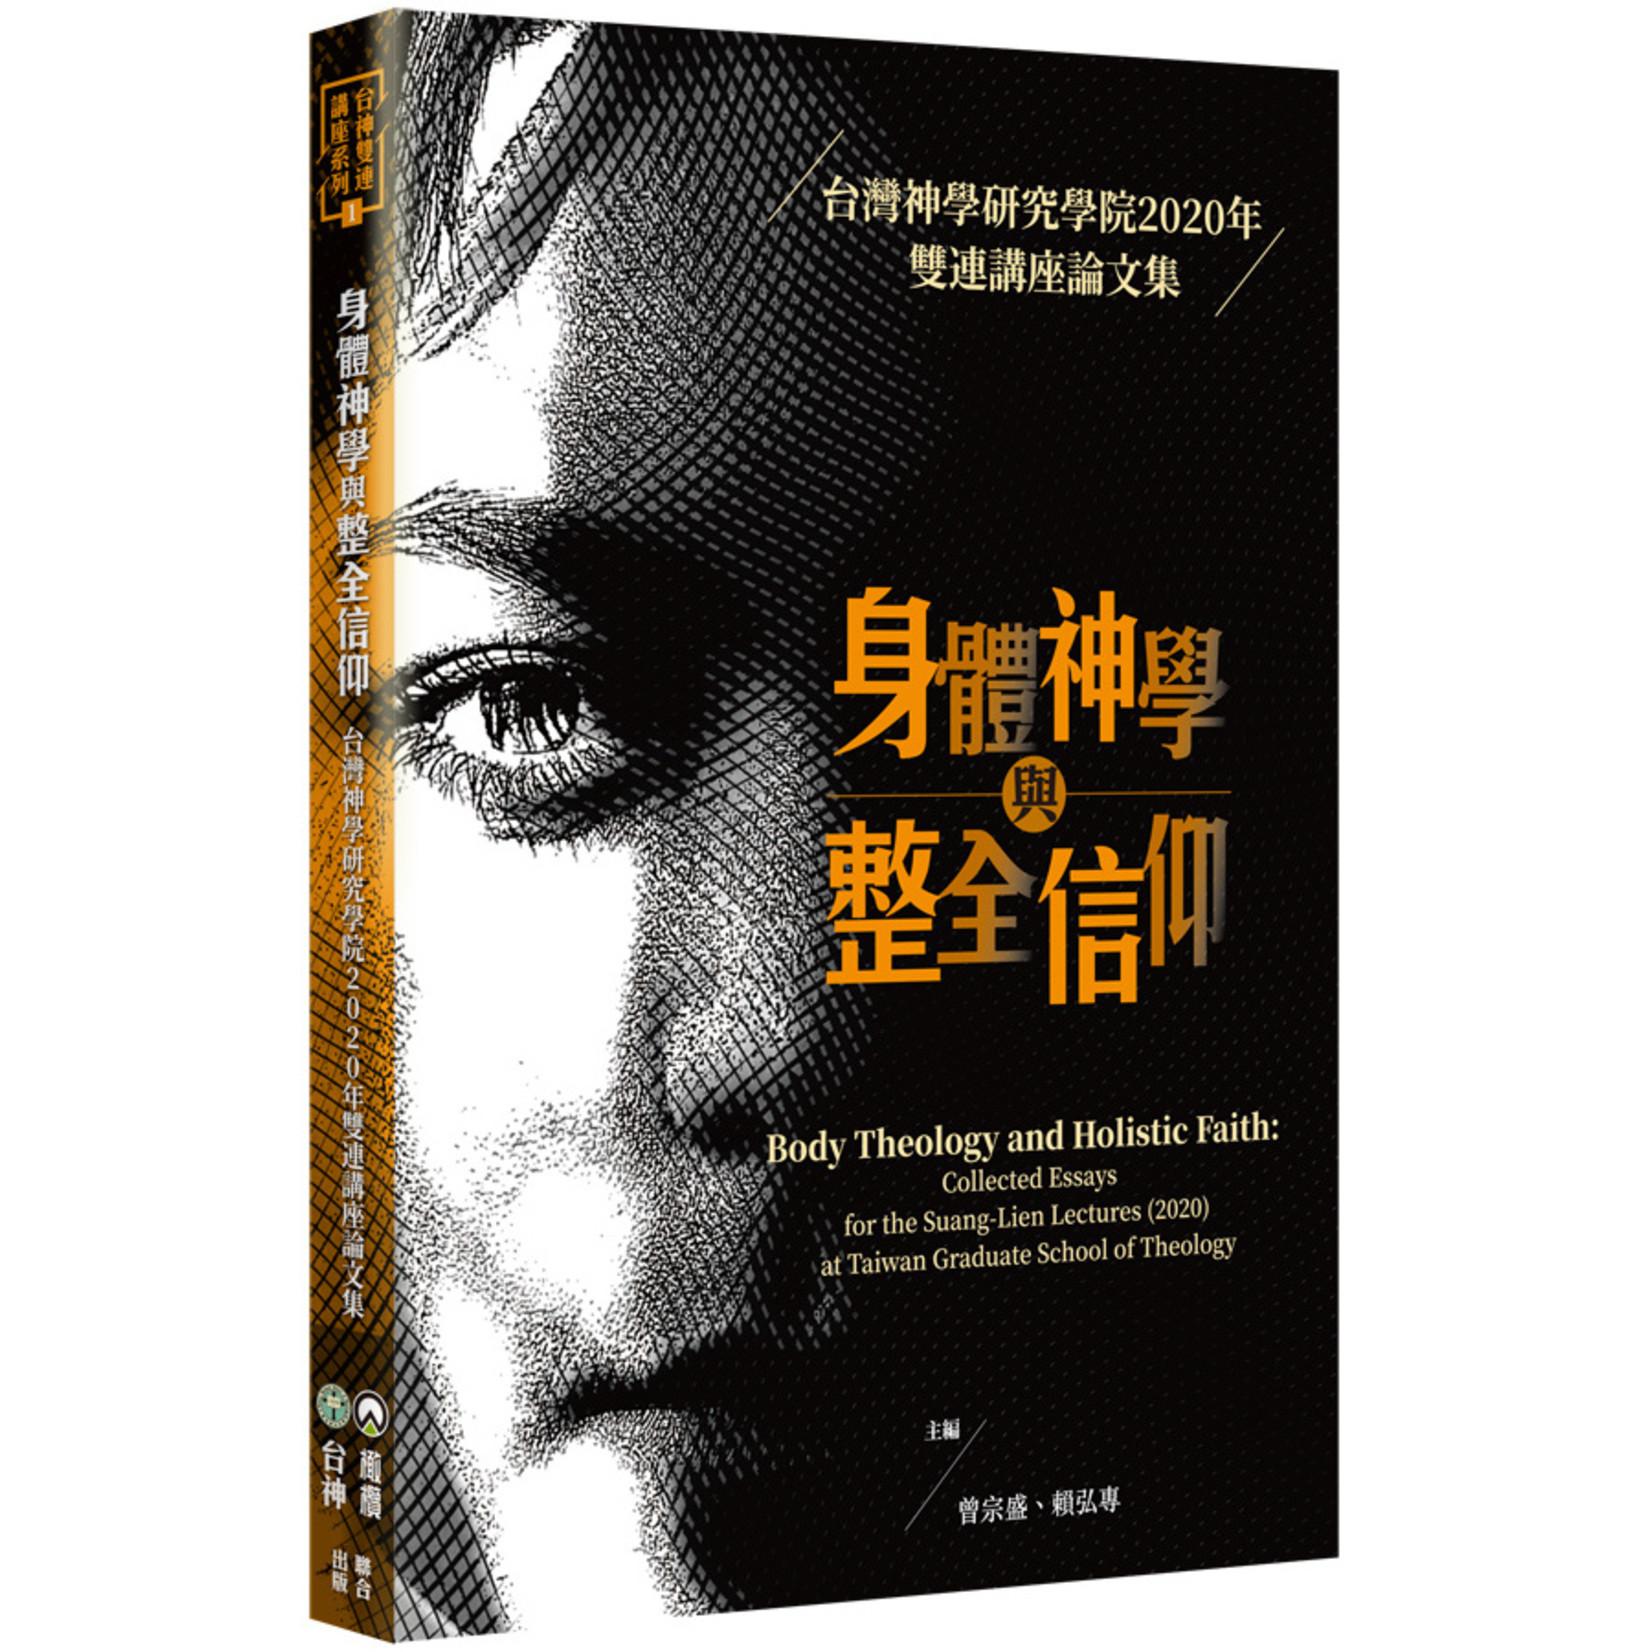 橄欖 Olive Press 身體神學與整全信仰:台灣神學研究學院2020年雙連講座論文集